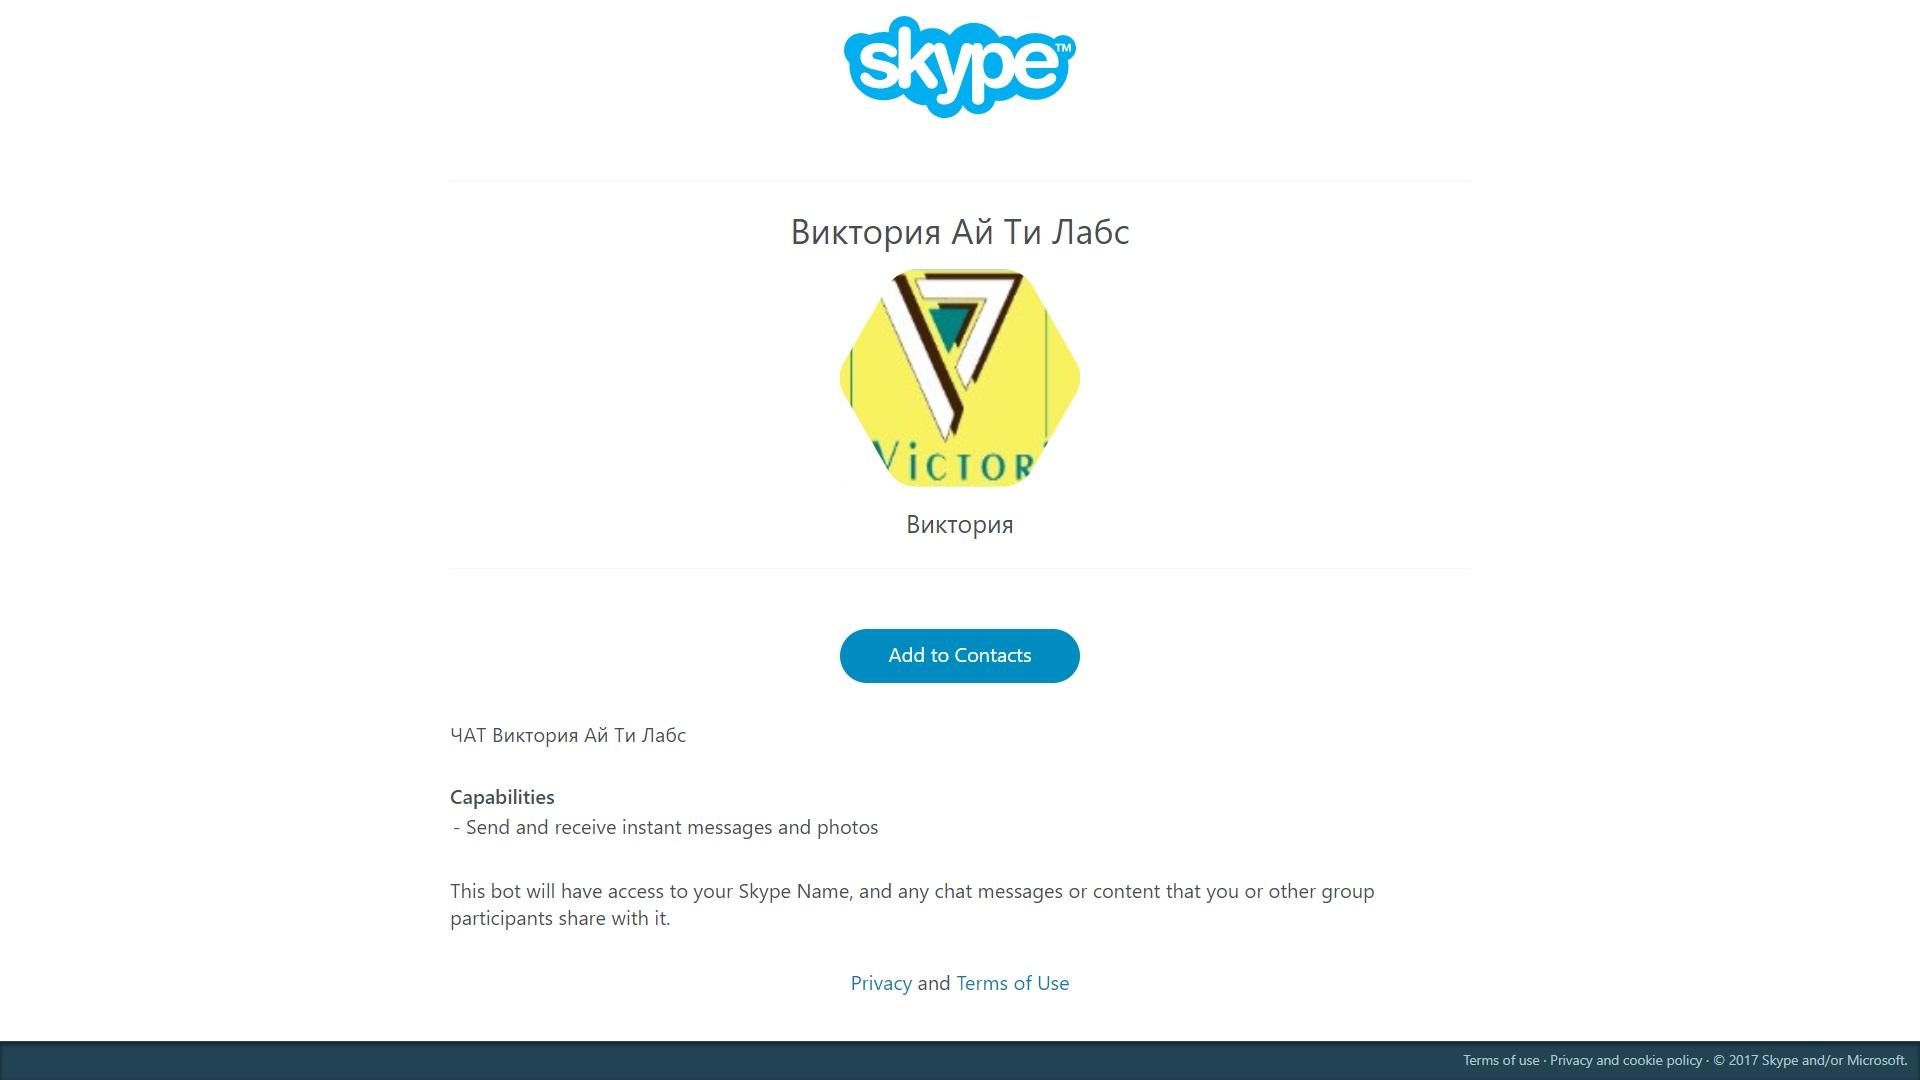 Добавление консультанта 1С в список Ваших контактов в Скайп